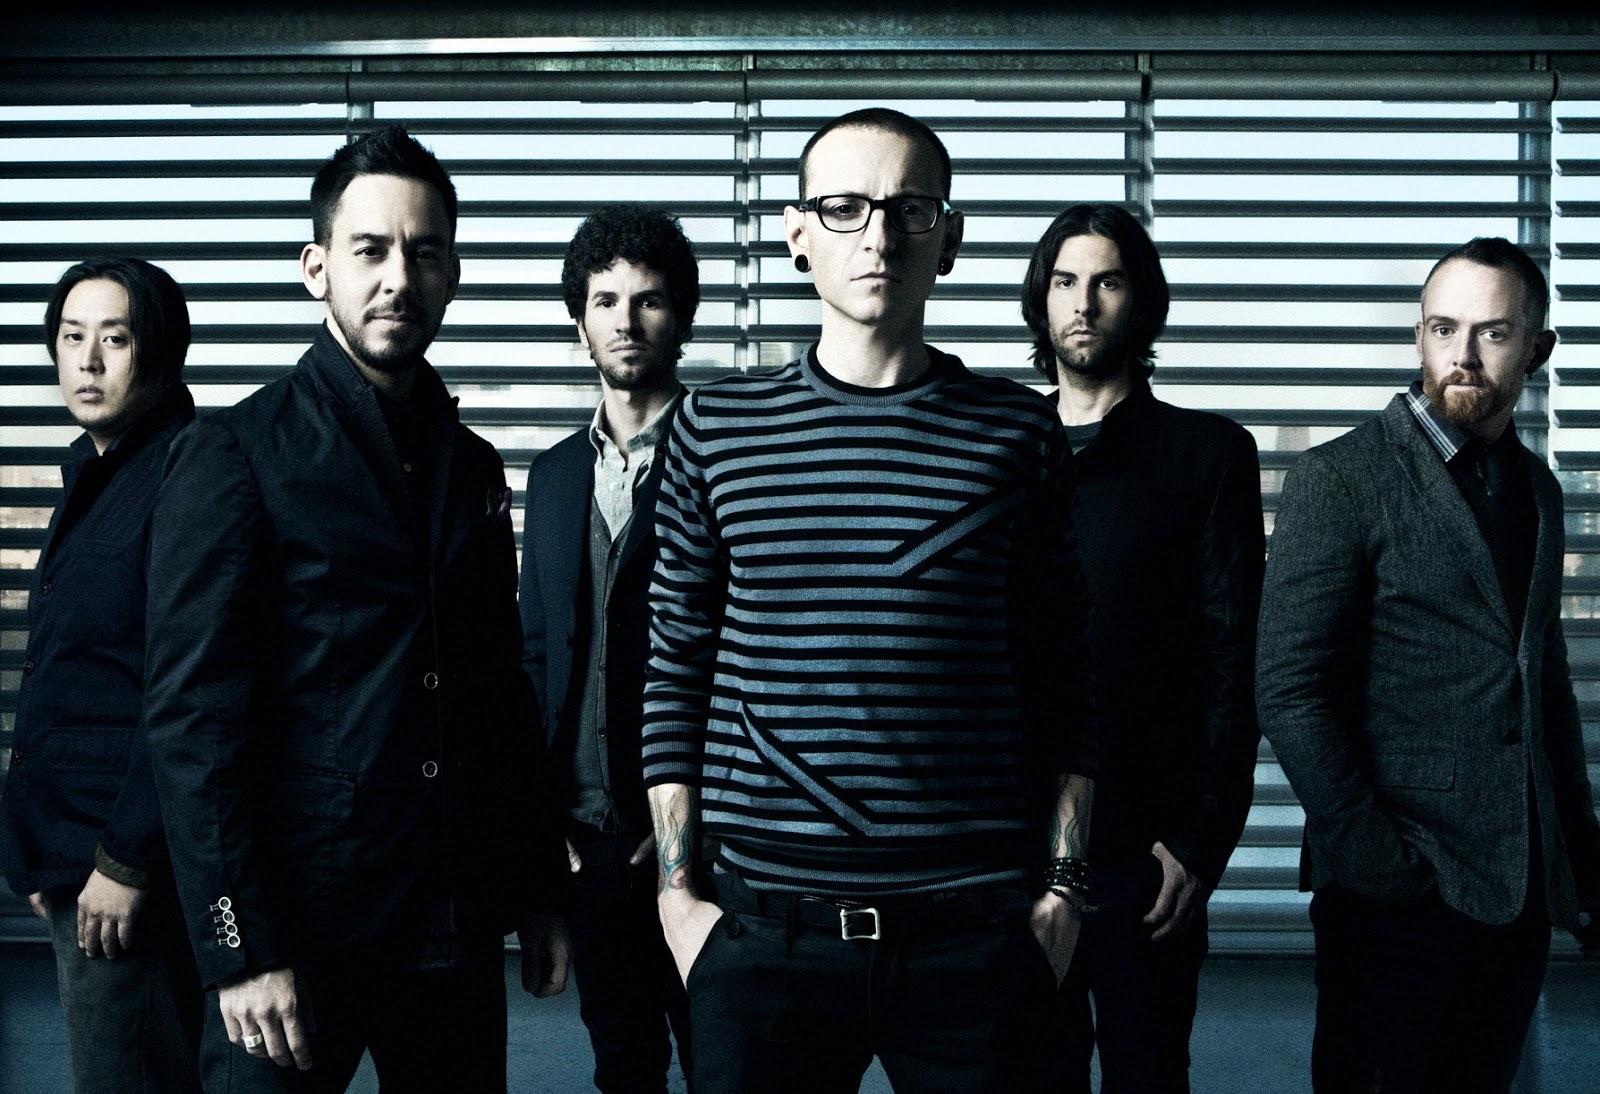 Download Lagu Linkin Park Terlengkap